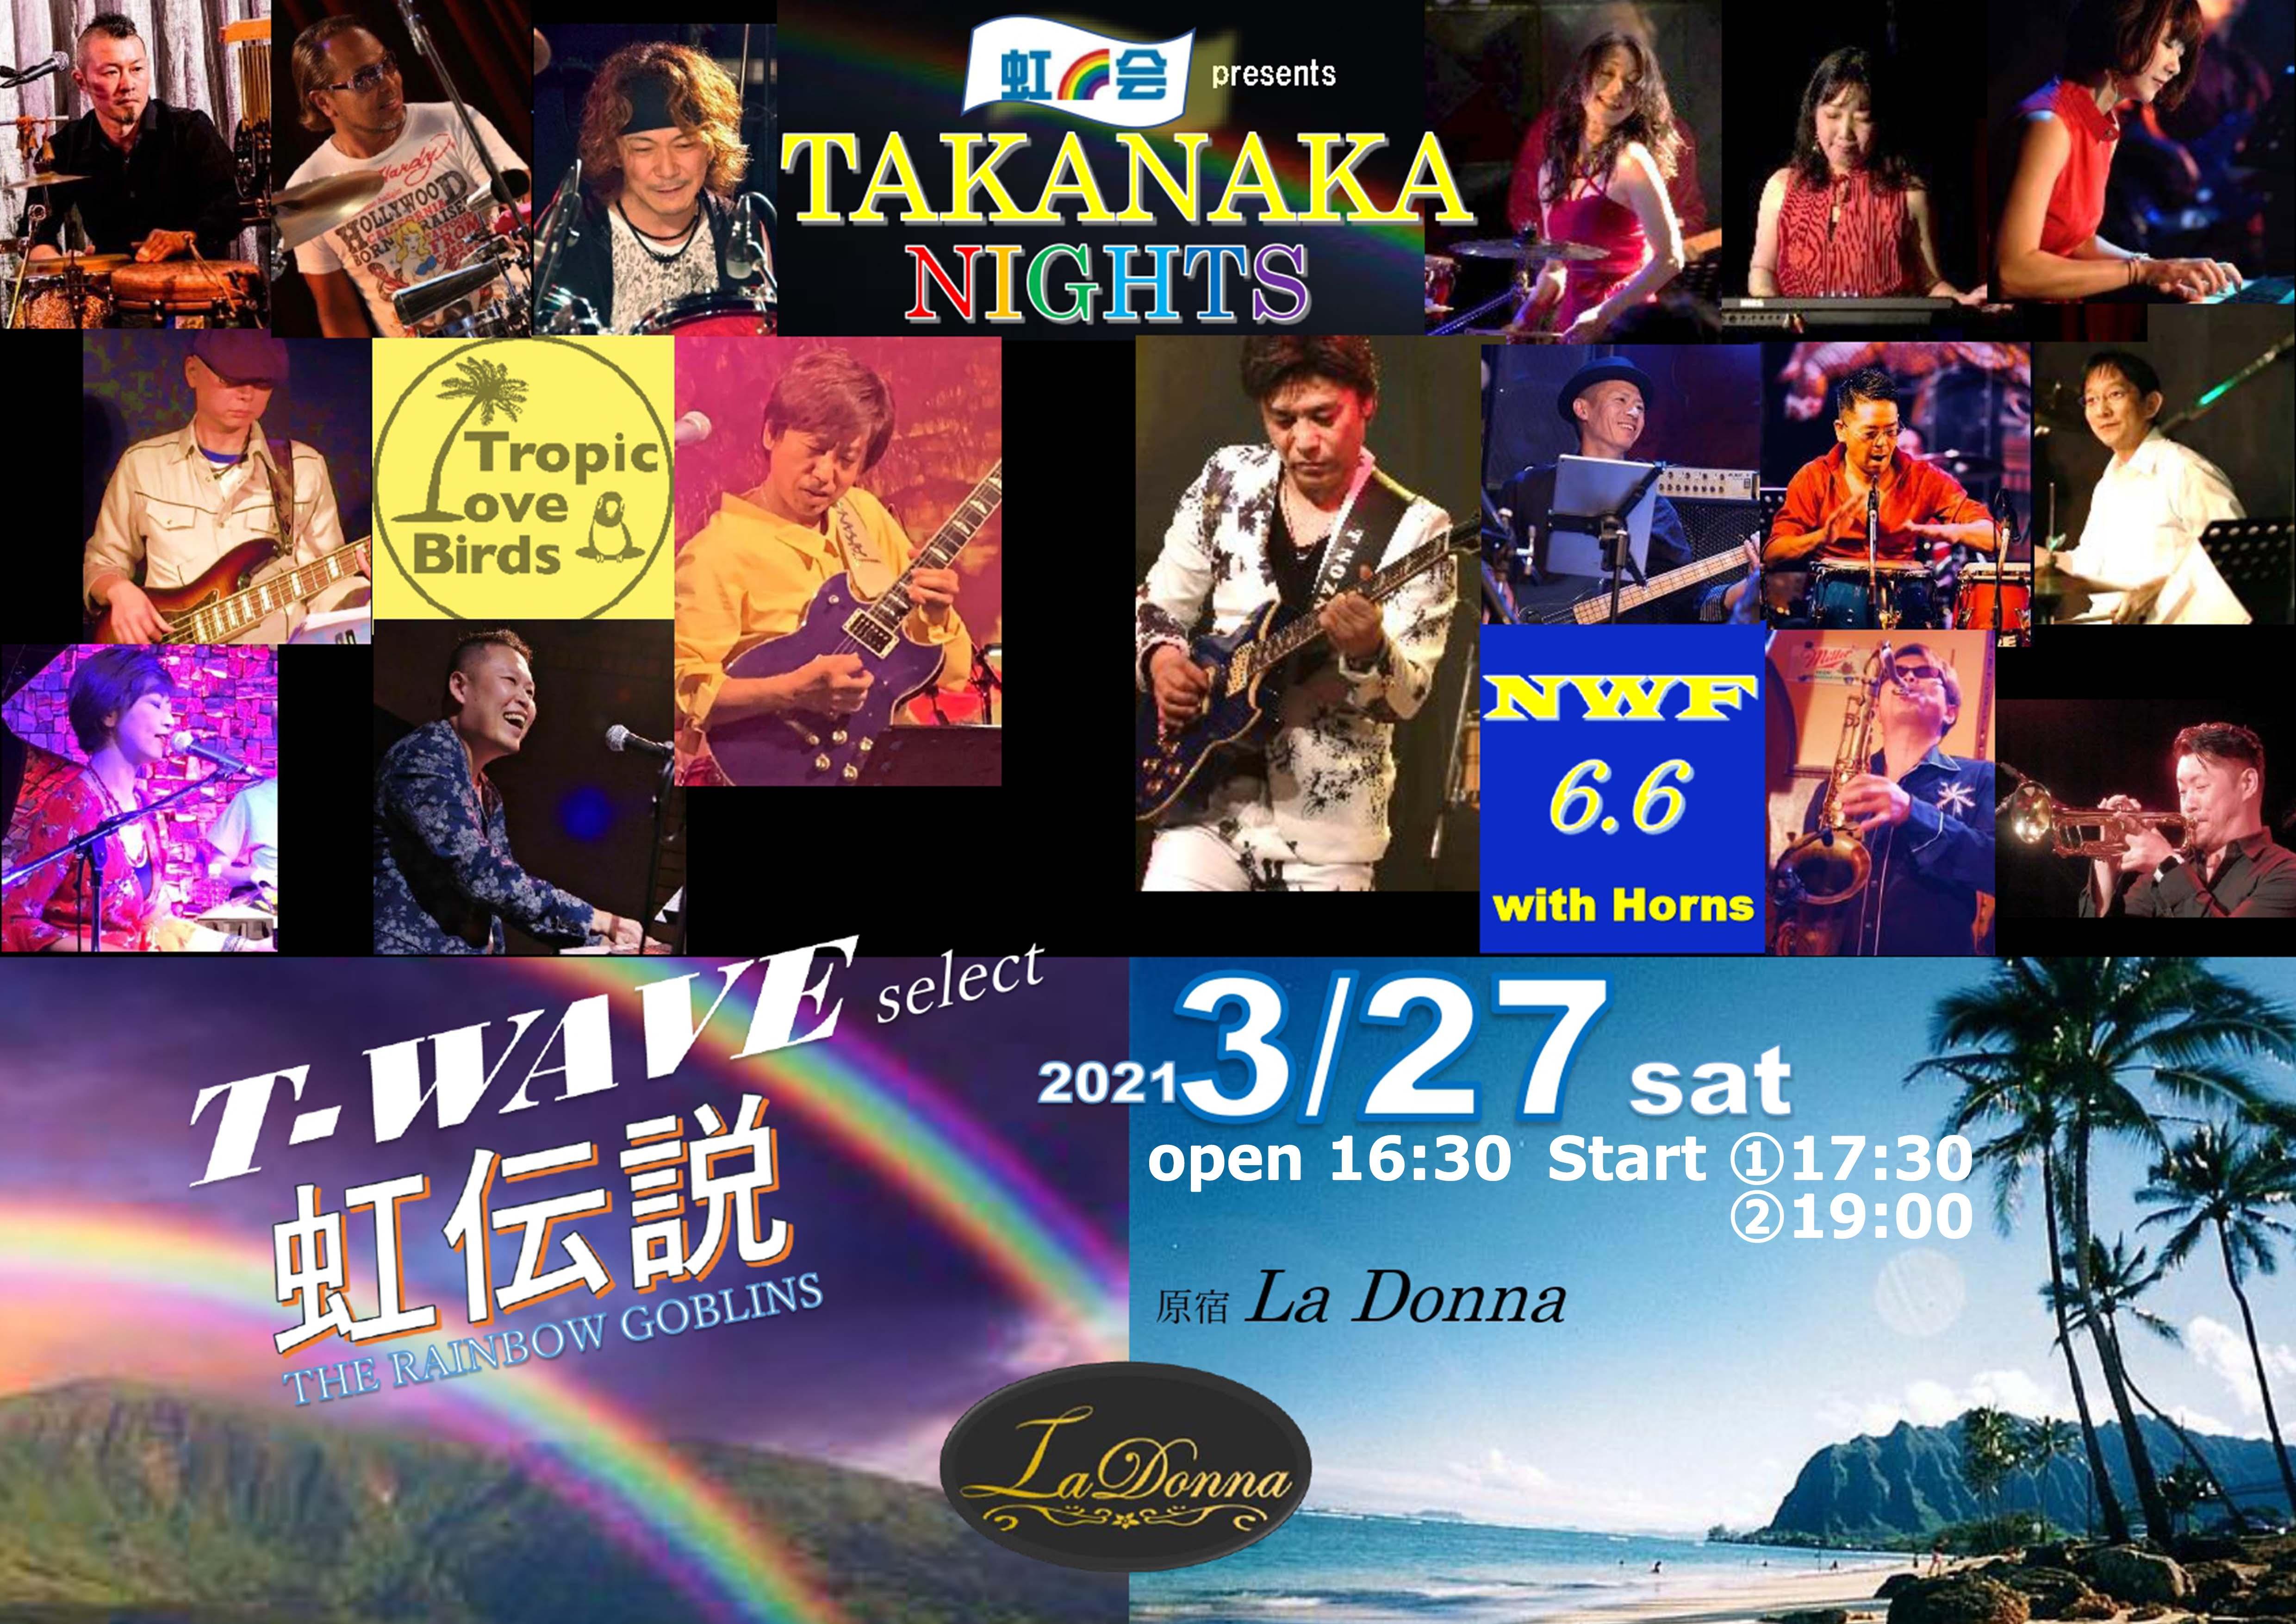 虹🌈会Presents TAKANAKA  NIGHTS!!